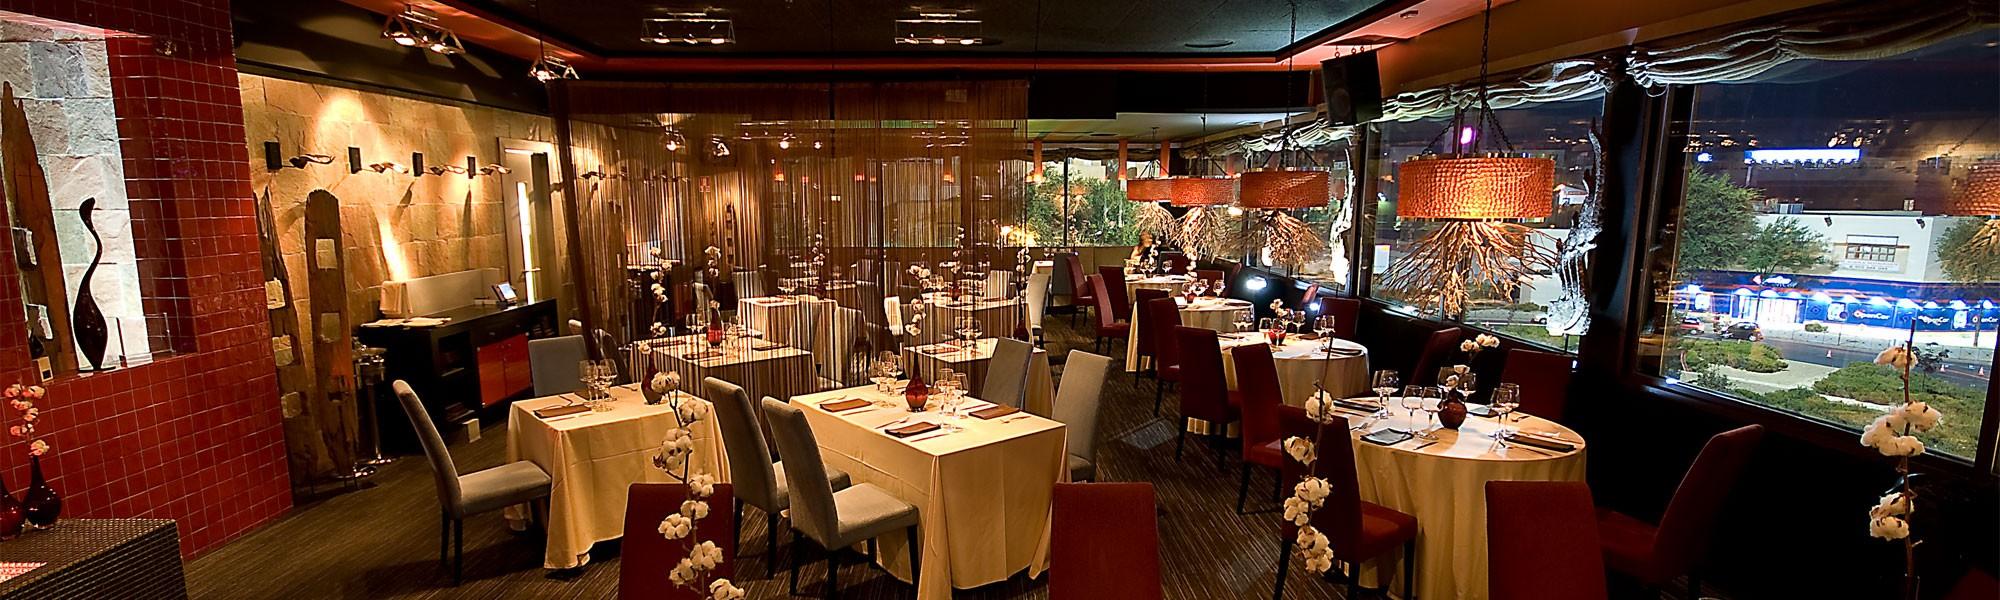 Silk soya restaurante terraza y club en la moraleja for Club social la moraleja